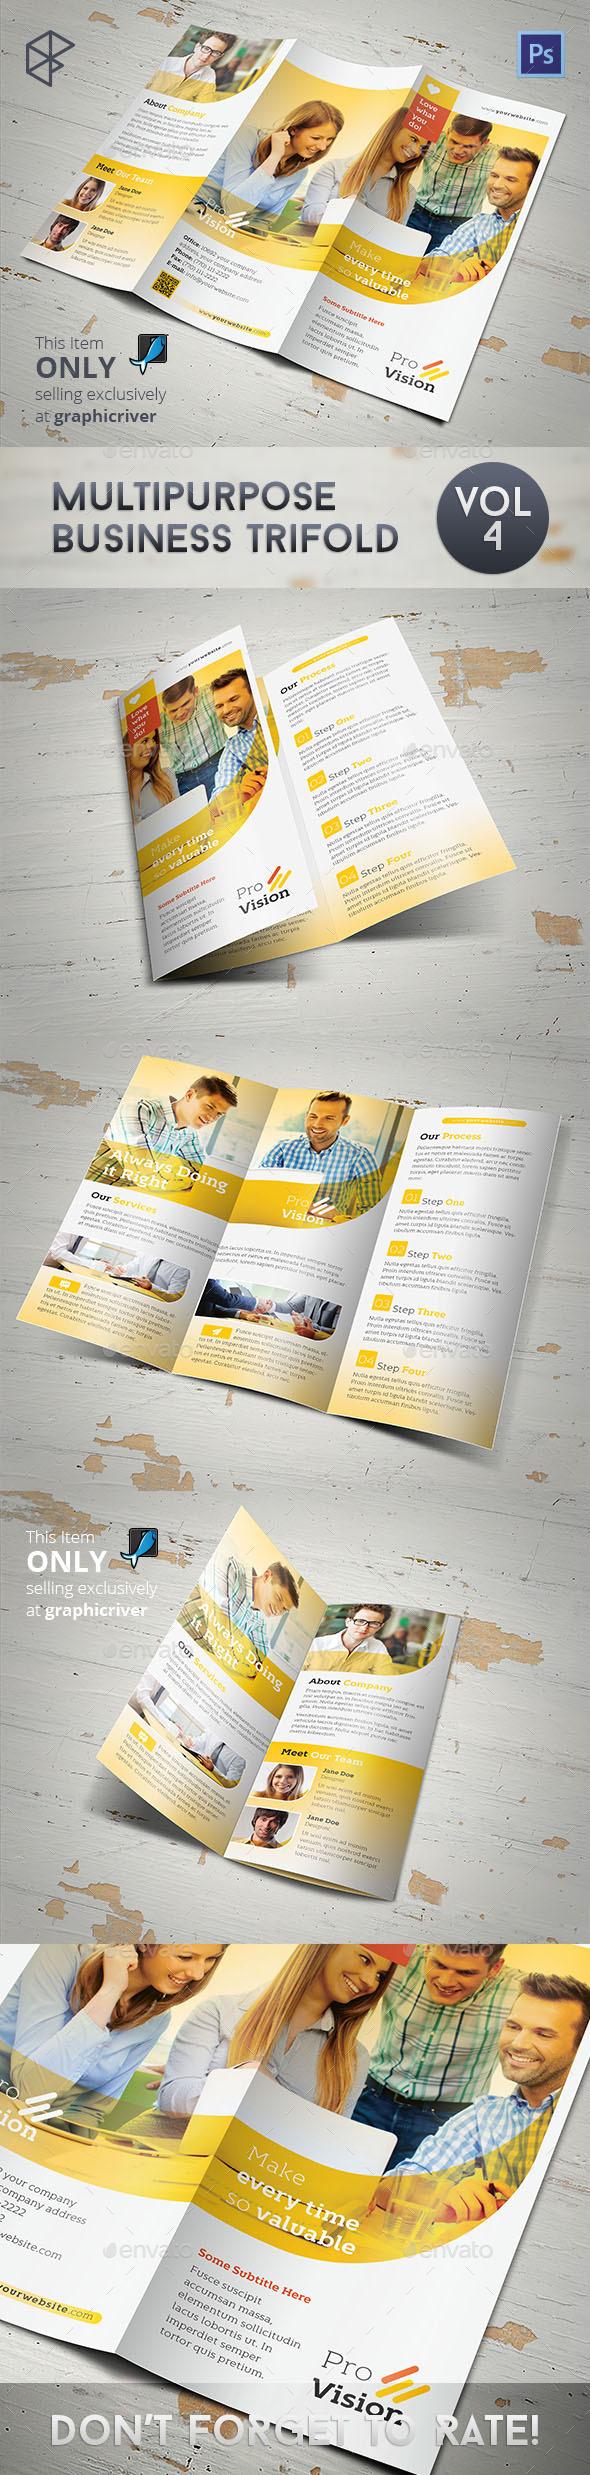 GraphicRiver Multipurpose Business Trifold Vol 4 11110726